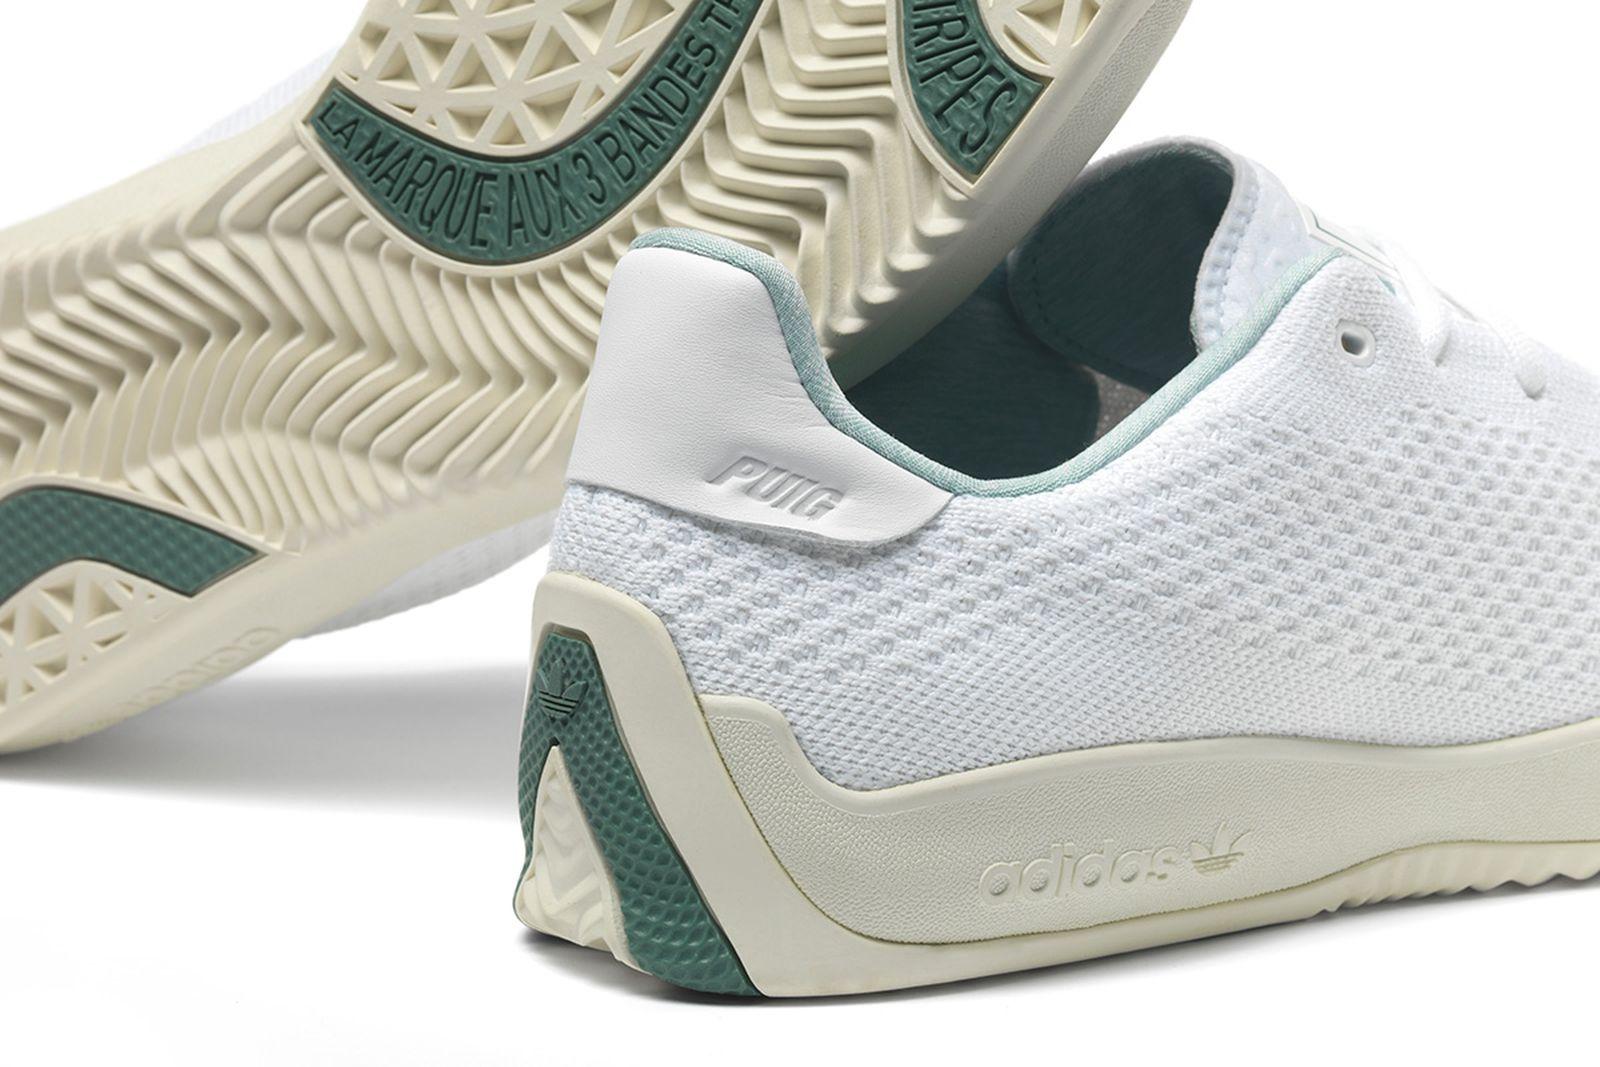 adidas-puig-pk-primeblue-release-date-price-010